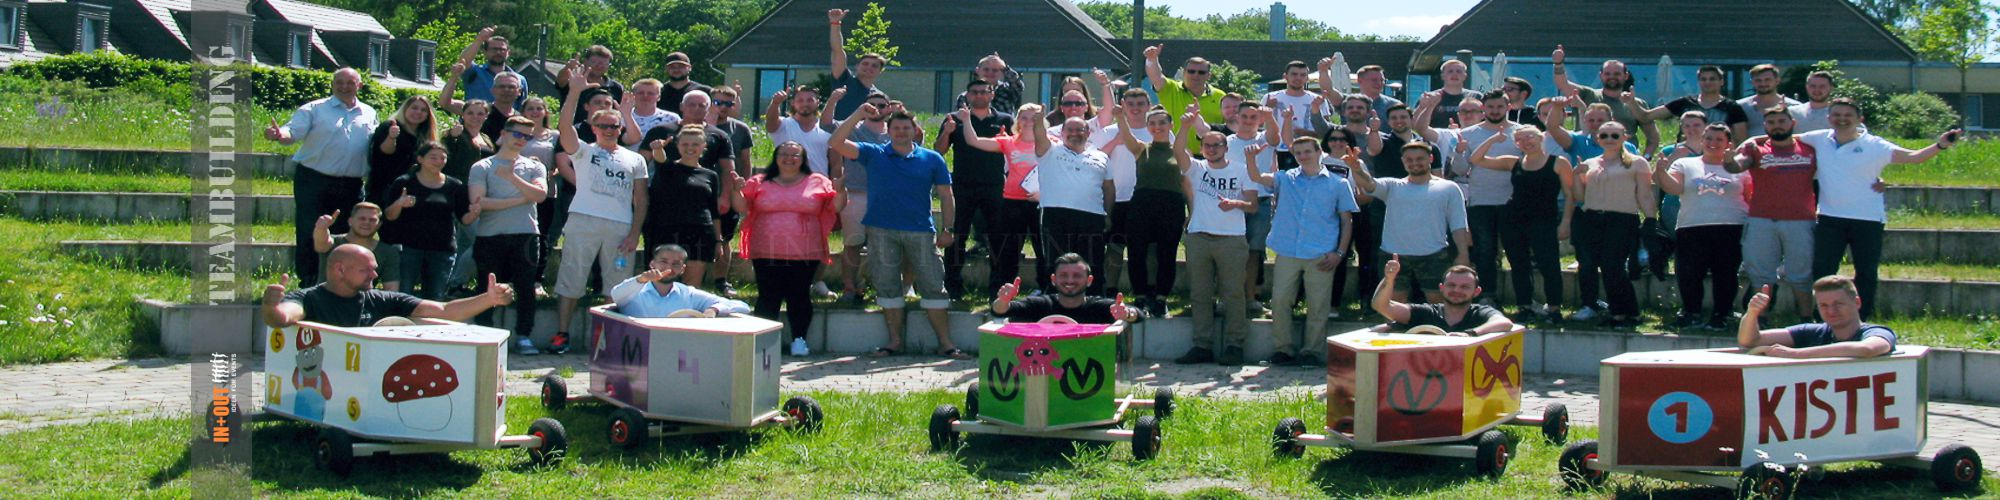 Ideen für Team Events - Seifenkisten Team Challenge - Event Nürnberg